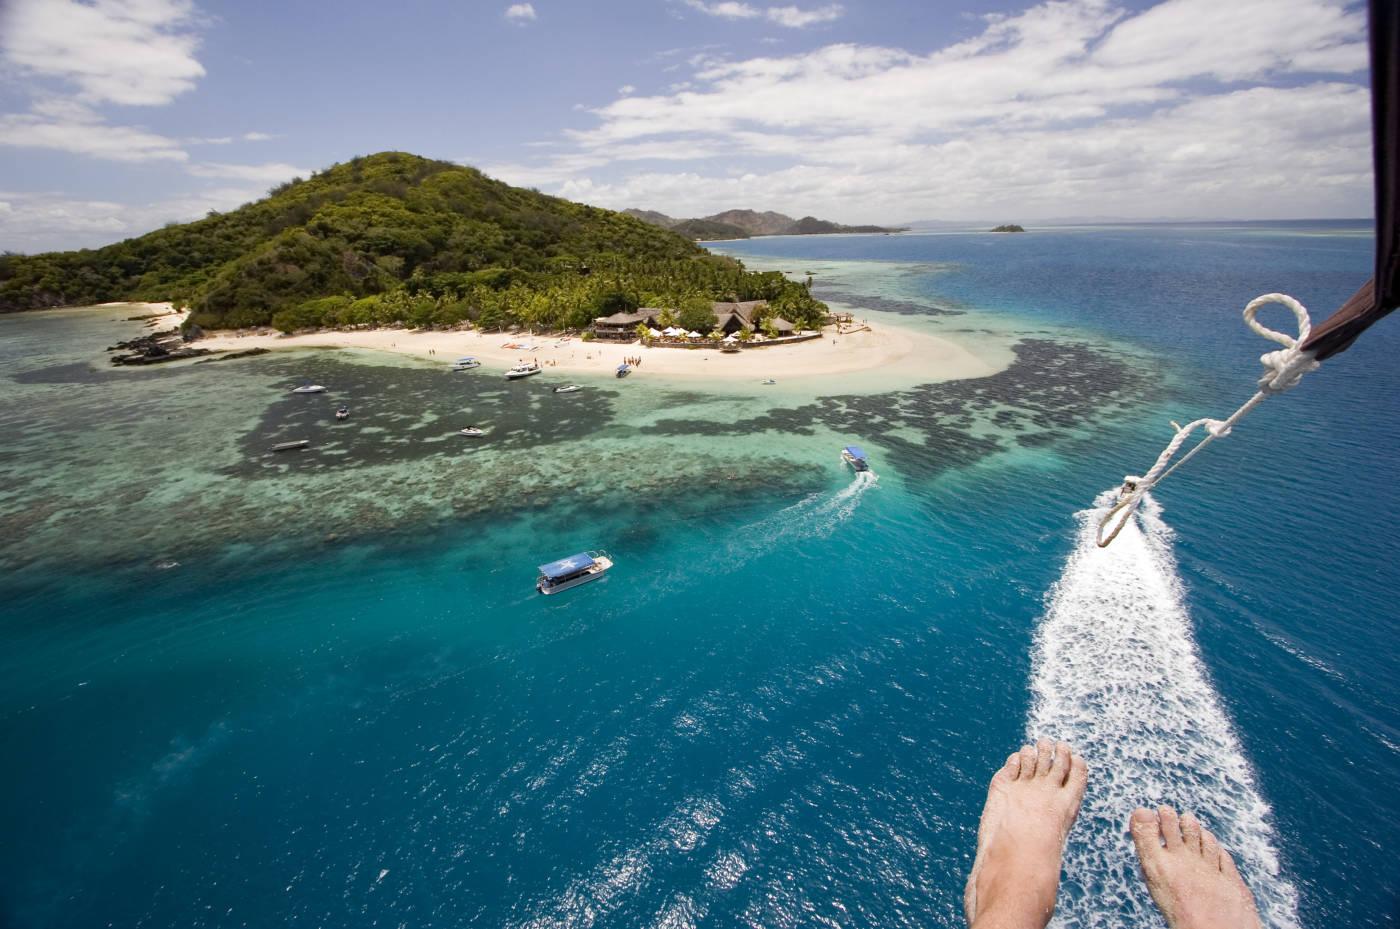 Trauminseln: Französisch Polynesien, das schöne, teure